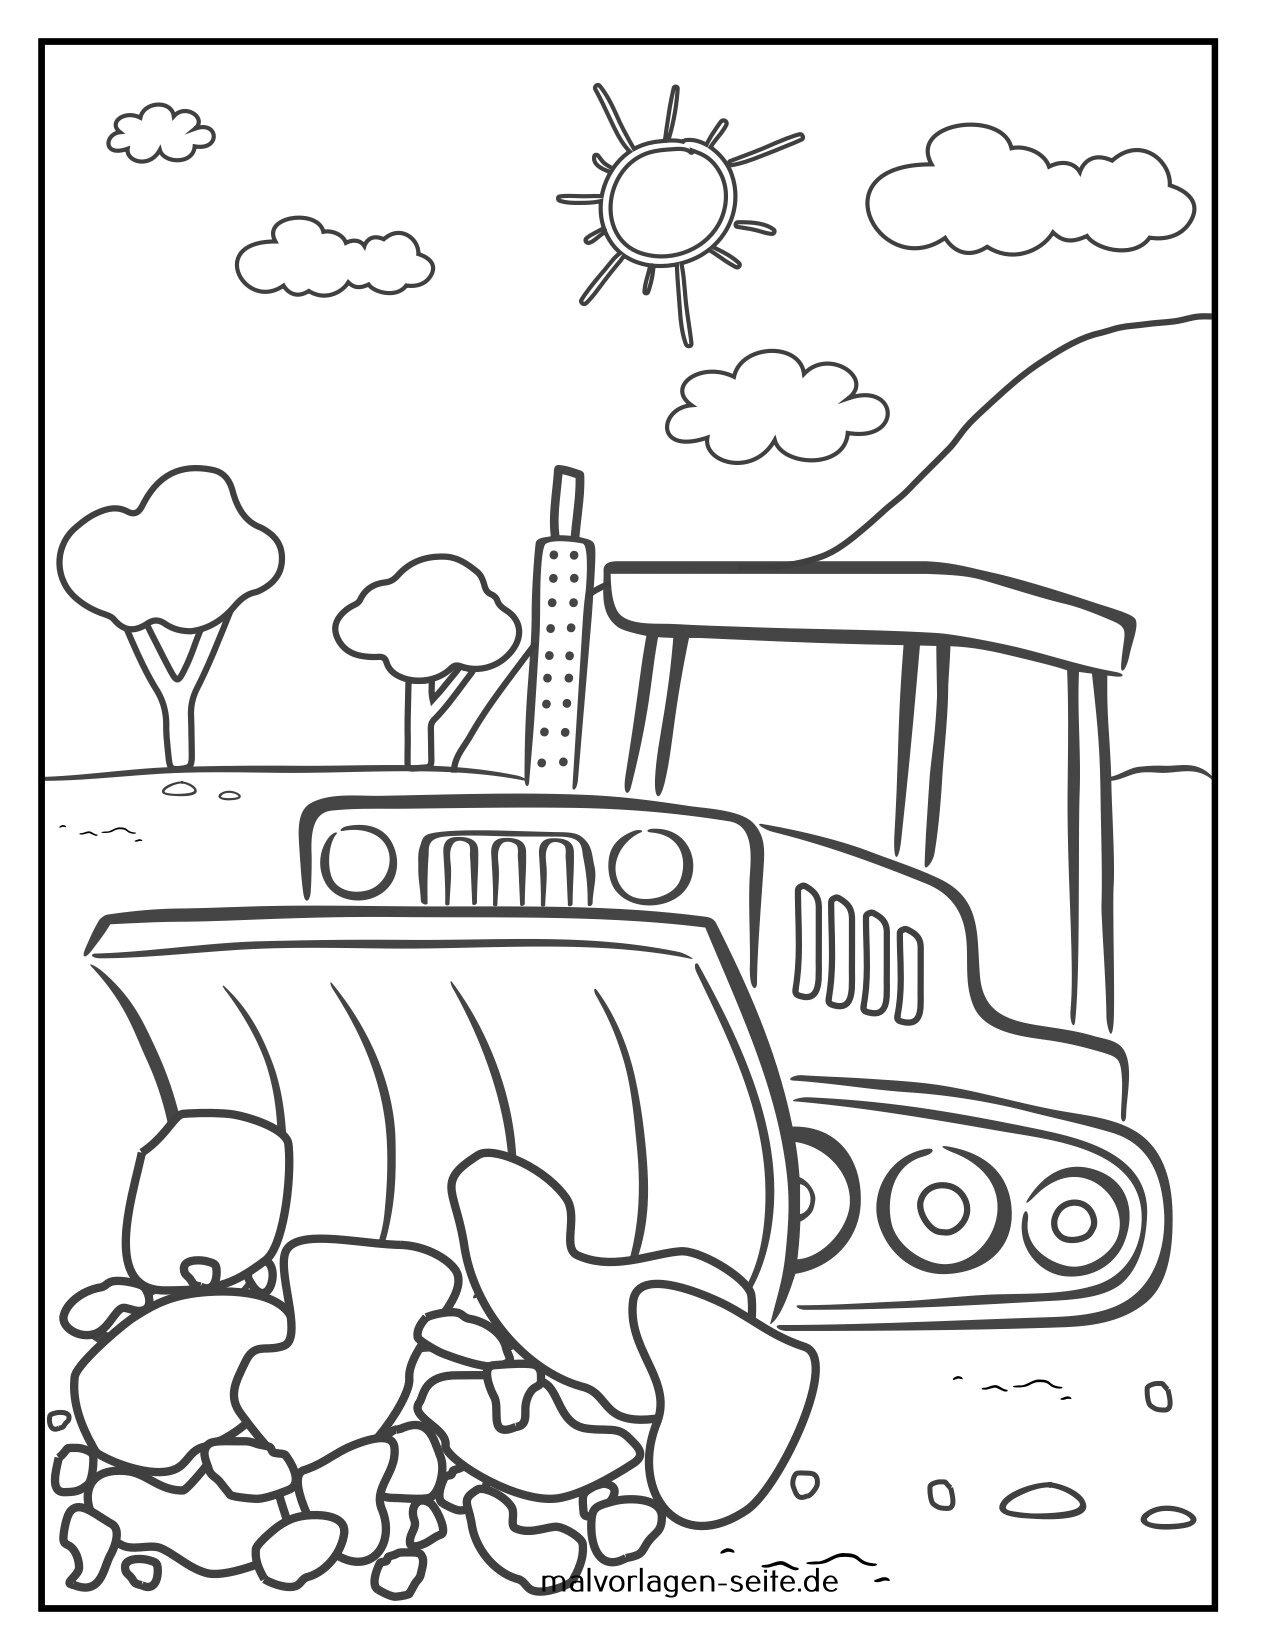 Bulldozer pejy fandokoana